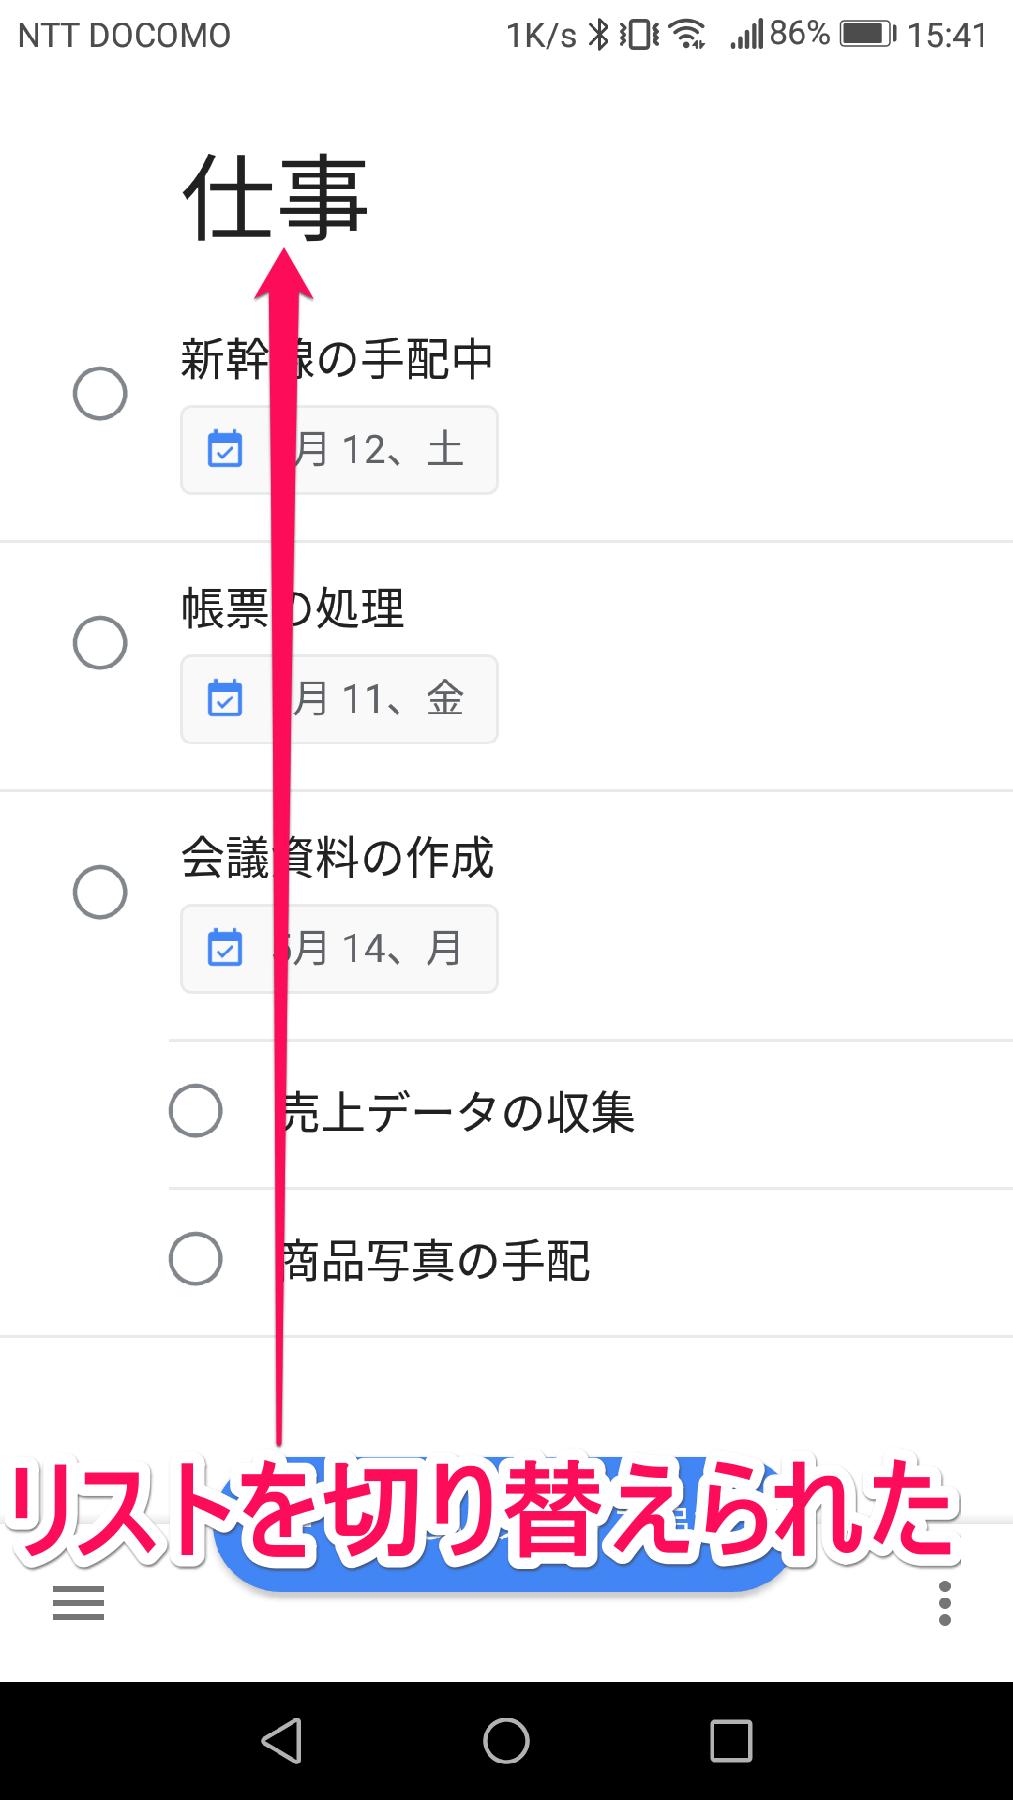 Google ToDoリストアプリ(グーグル トゥドゥリストアプリ)でリストを切り替えた画面